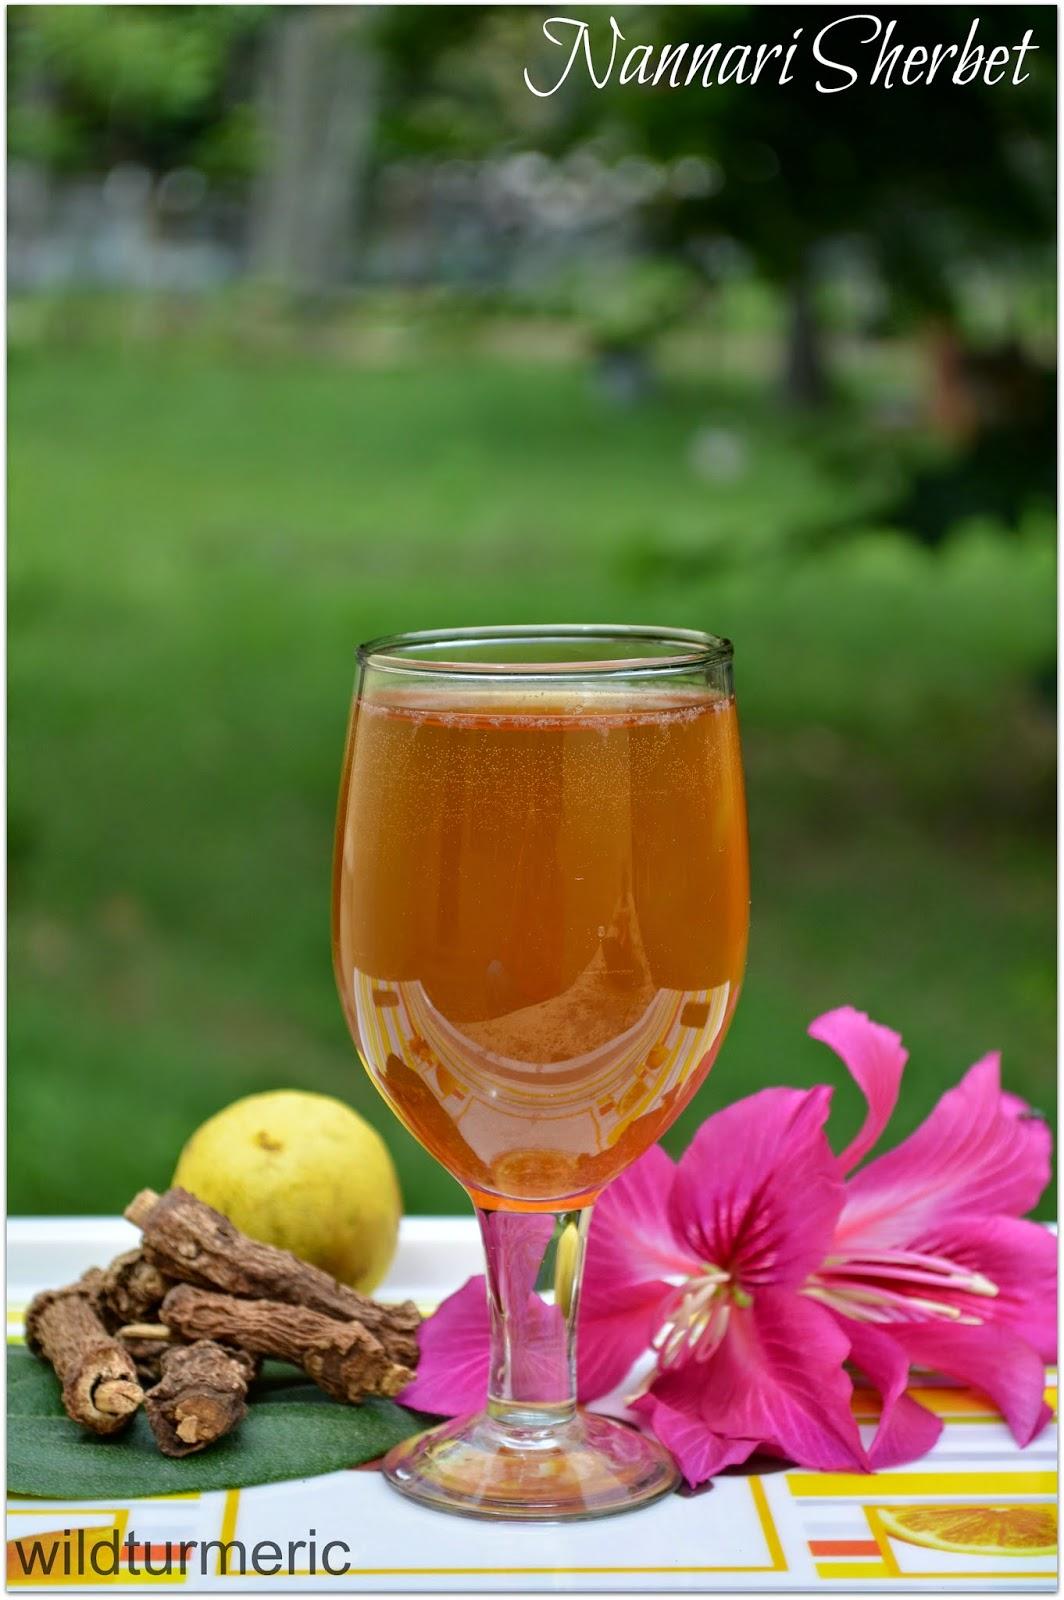 5 top health benefits of nannari syrup (indian sarsaparilla